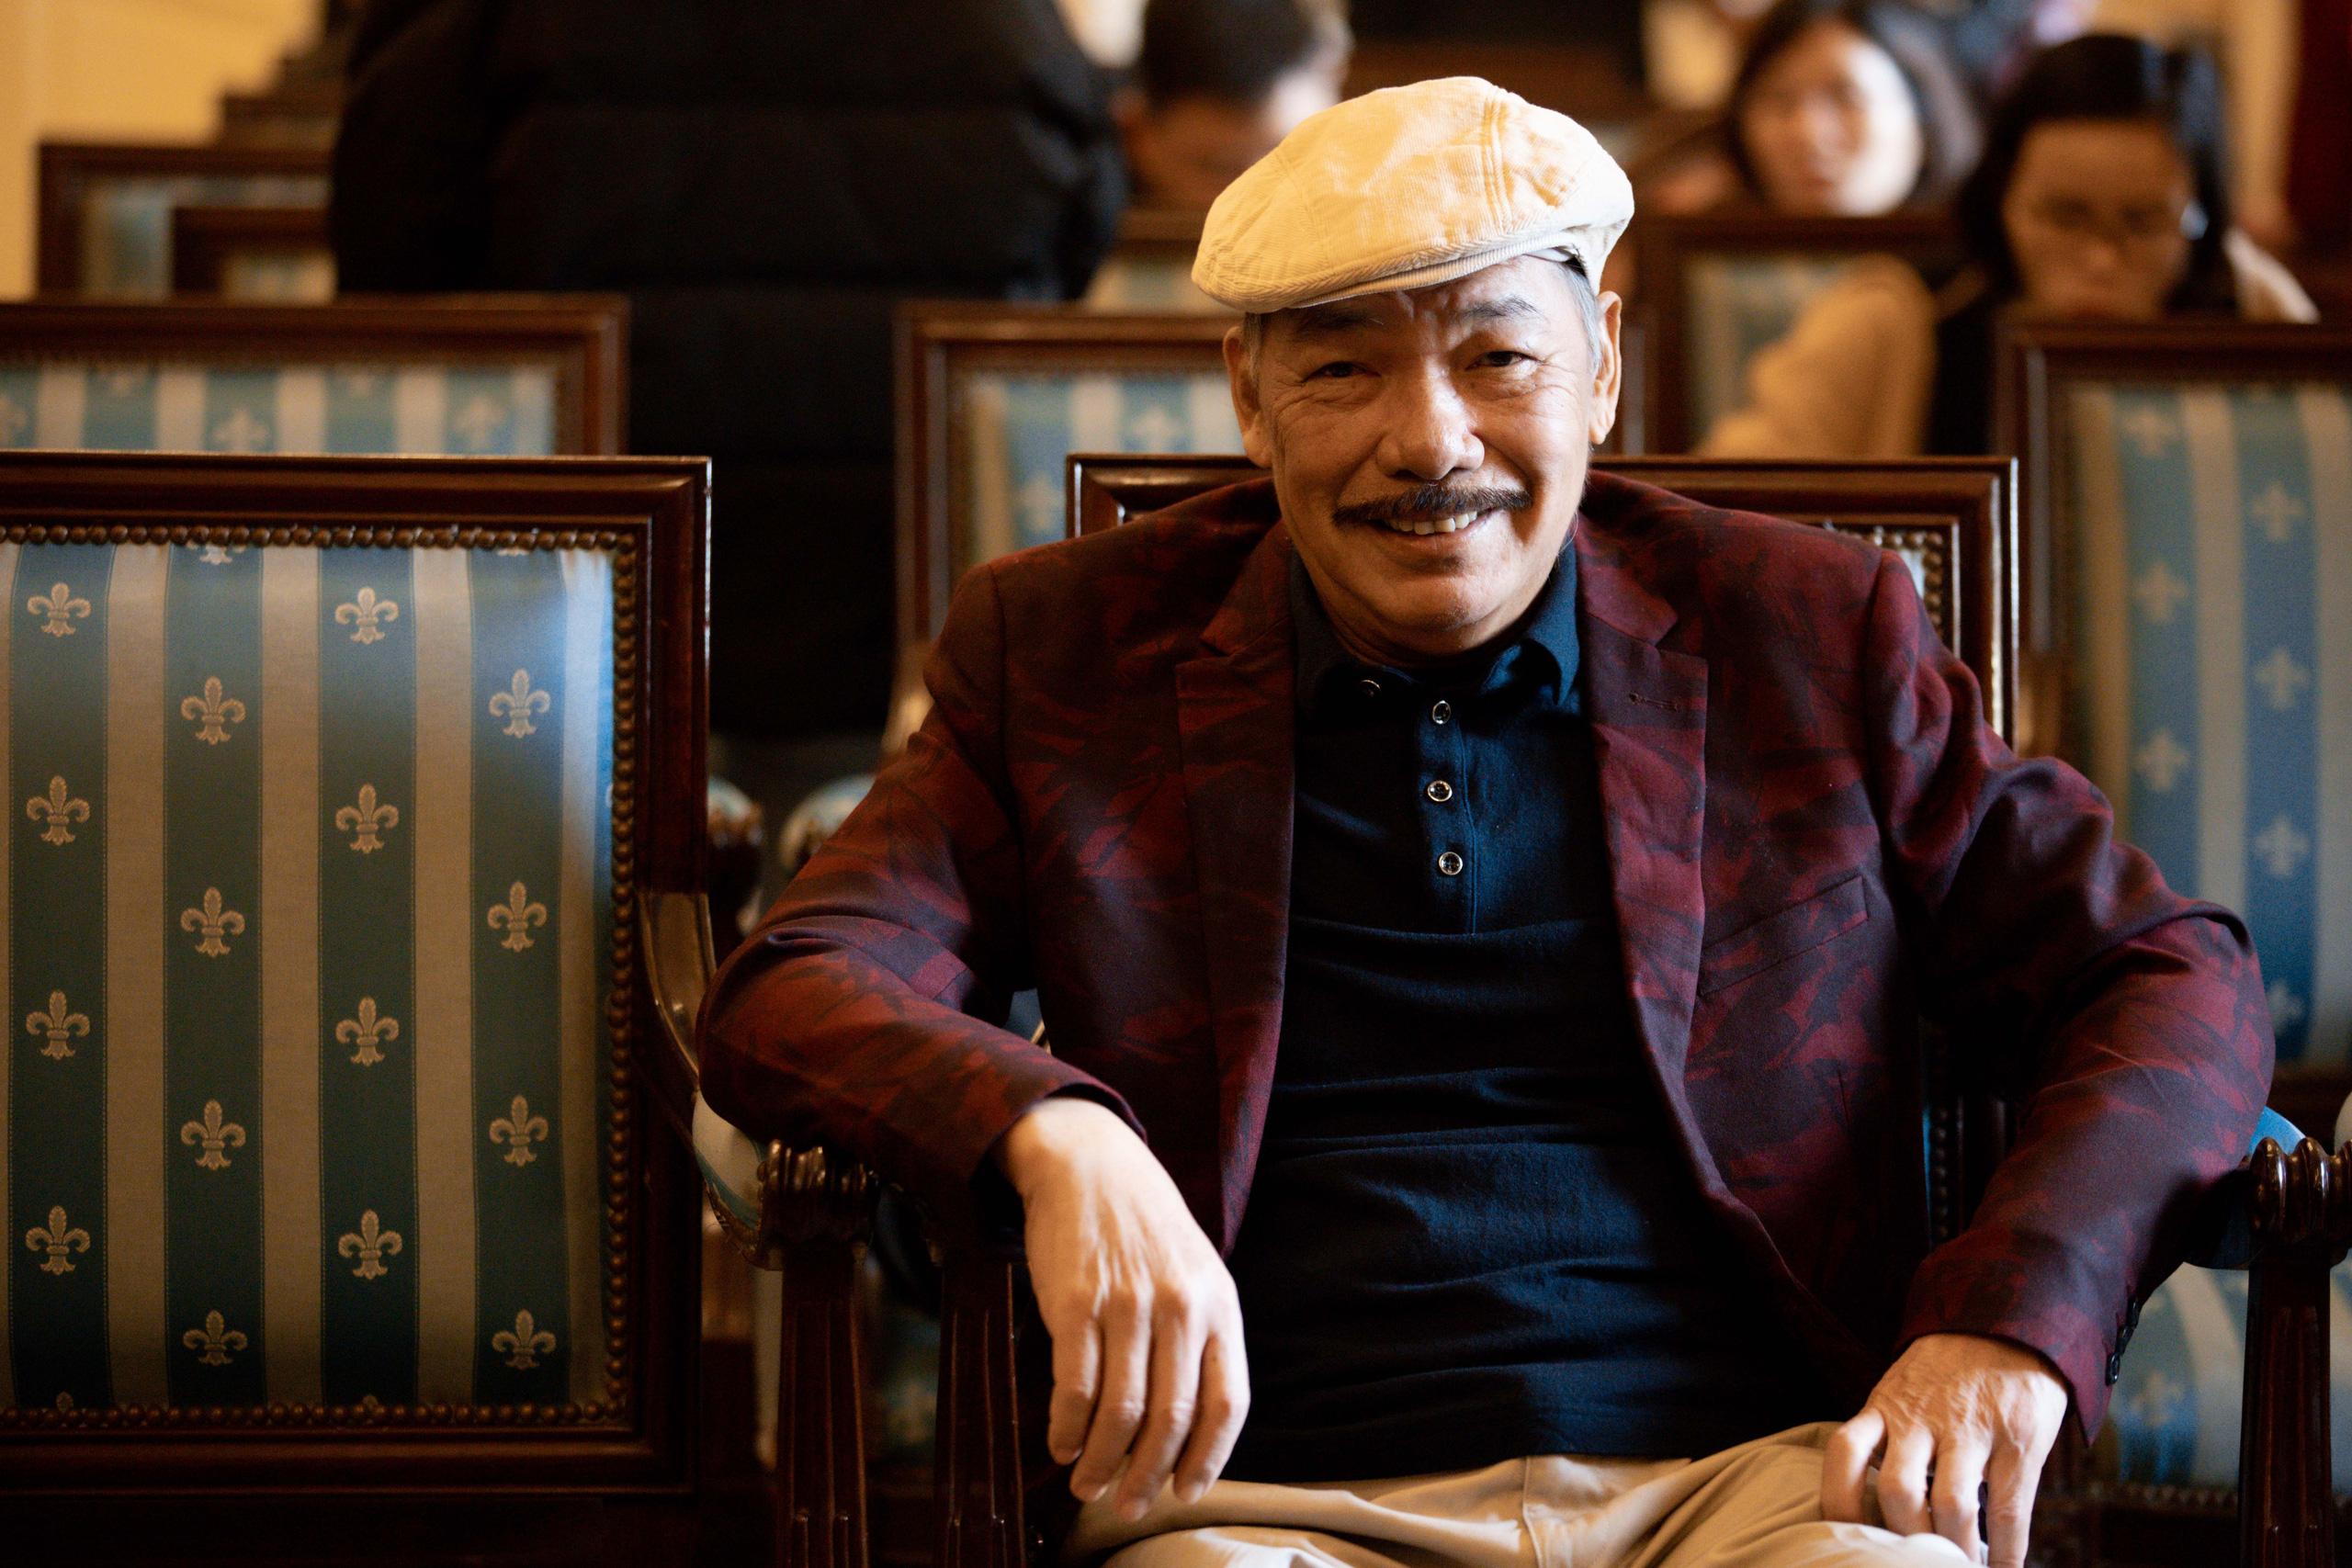 Nhạc sĩ Trần Tiến lần đầu xuất hiện sau tin đồn thất thiệt, nói rõ về tình trạng sức khỏe hiện tại - Ảnh 3.